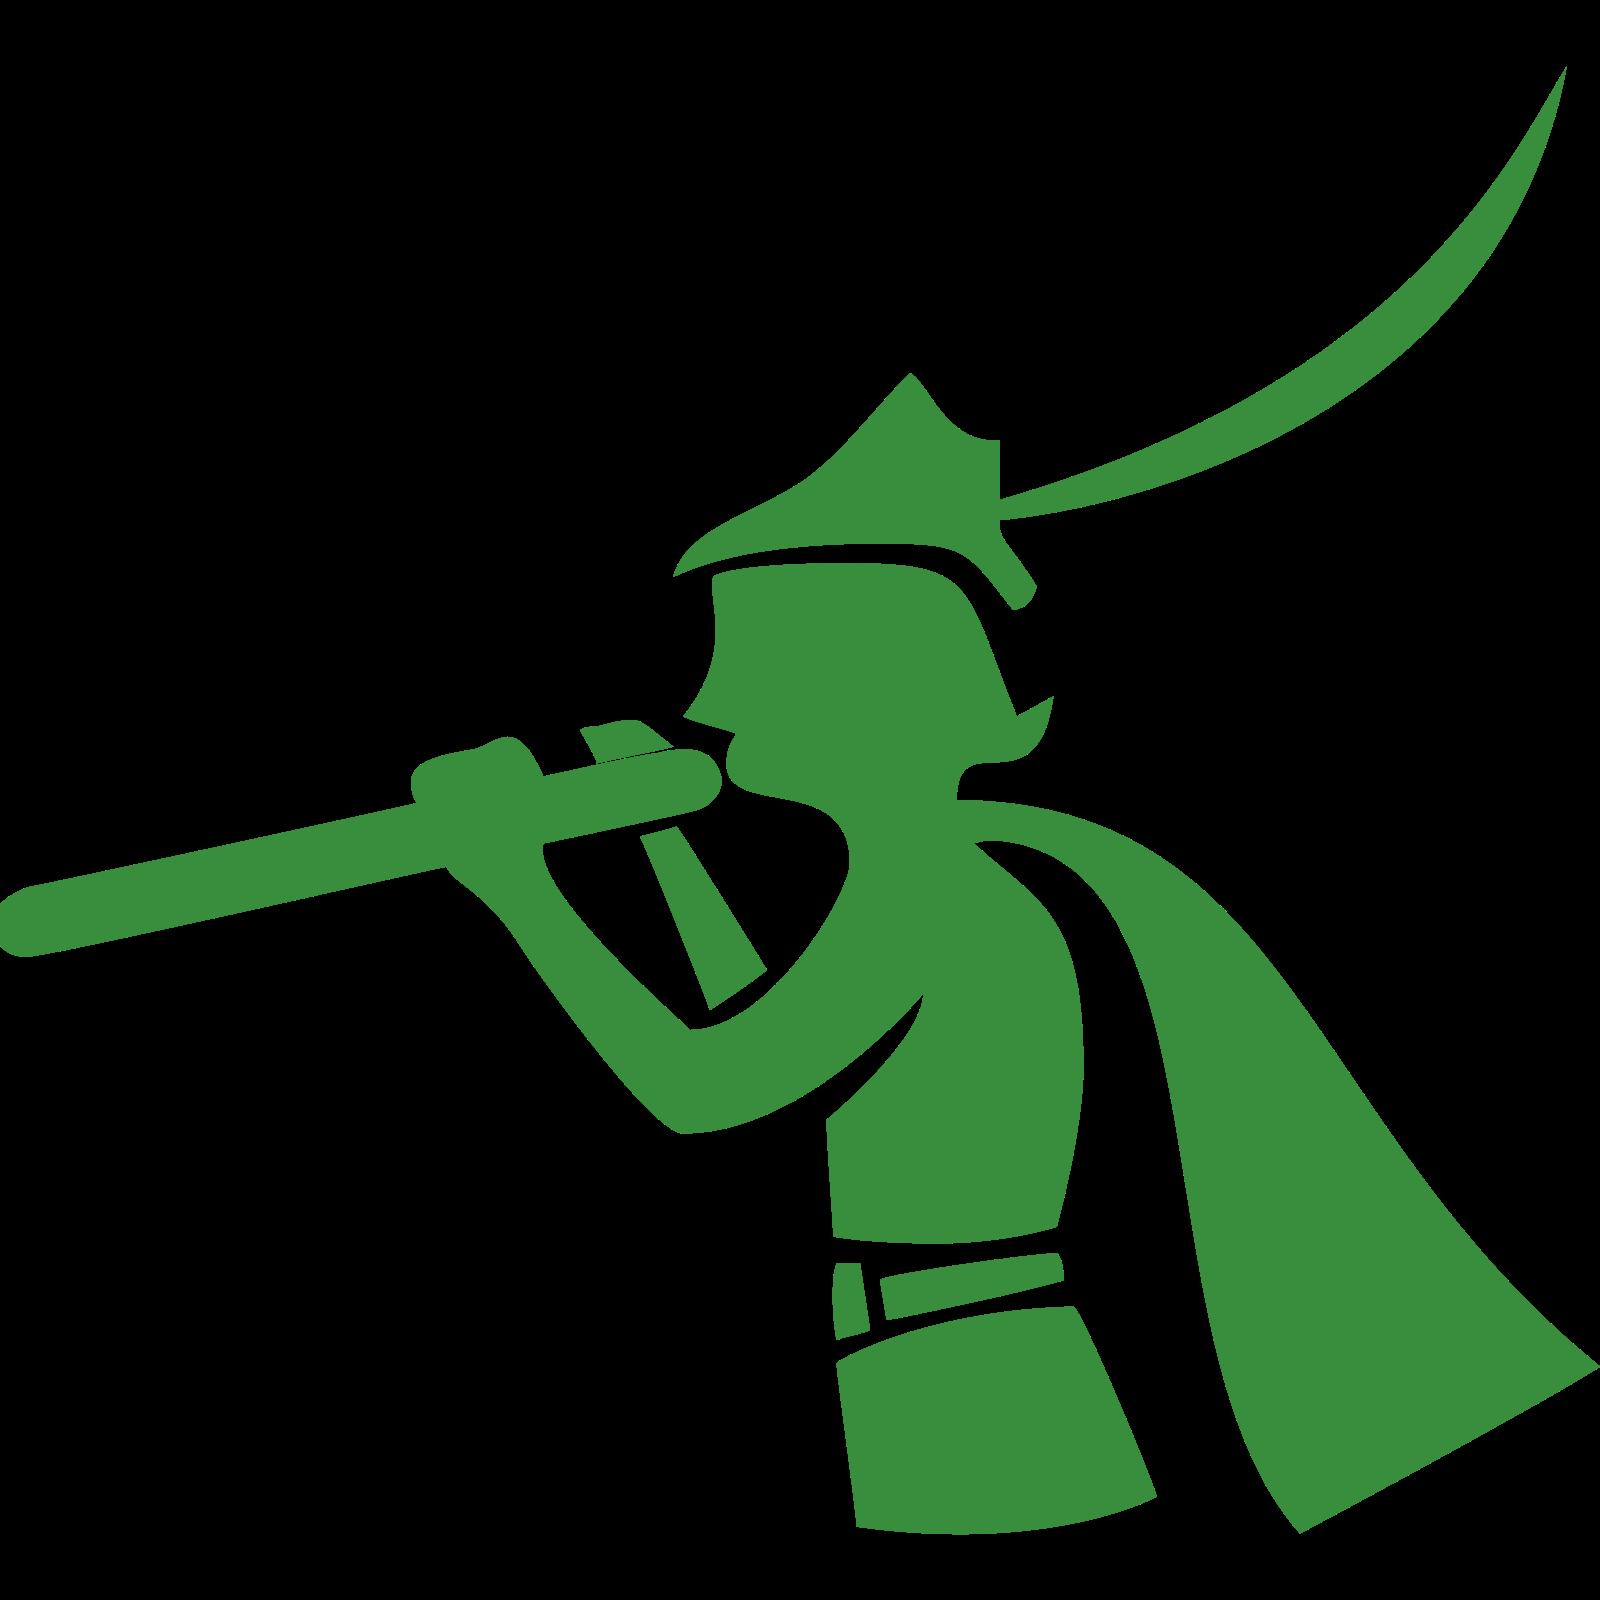 Pied Piper 2 icon